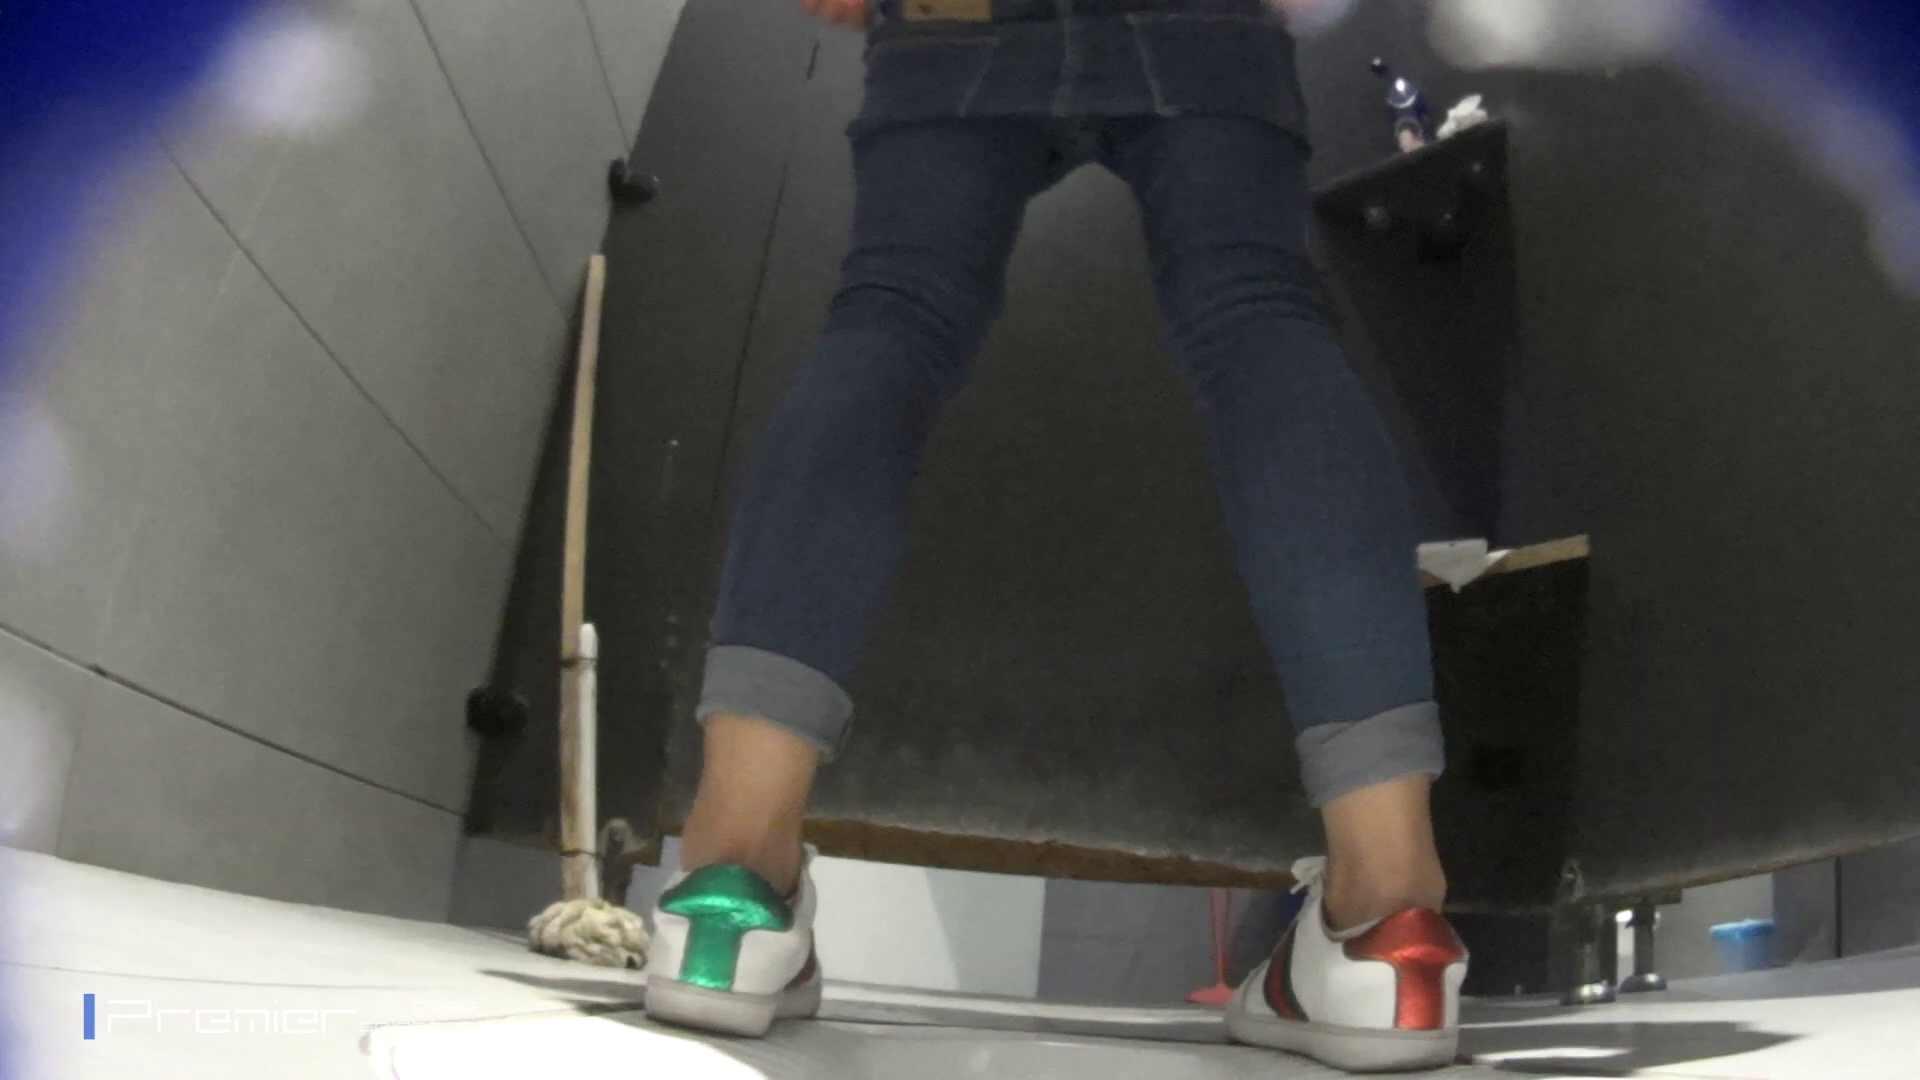 派手なスニーカーの女の子 大学休憩時間の洗面所事情63 美肌  51PIX 9